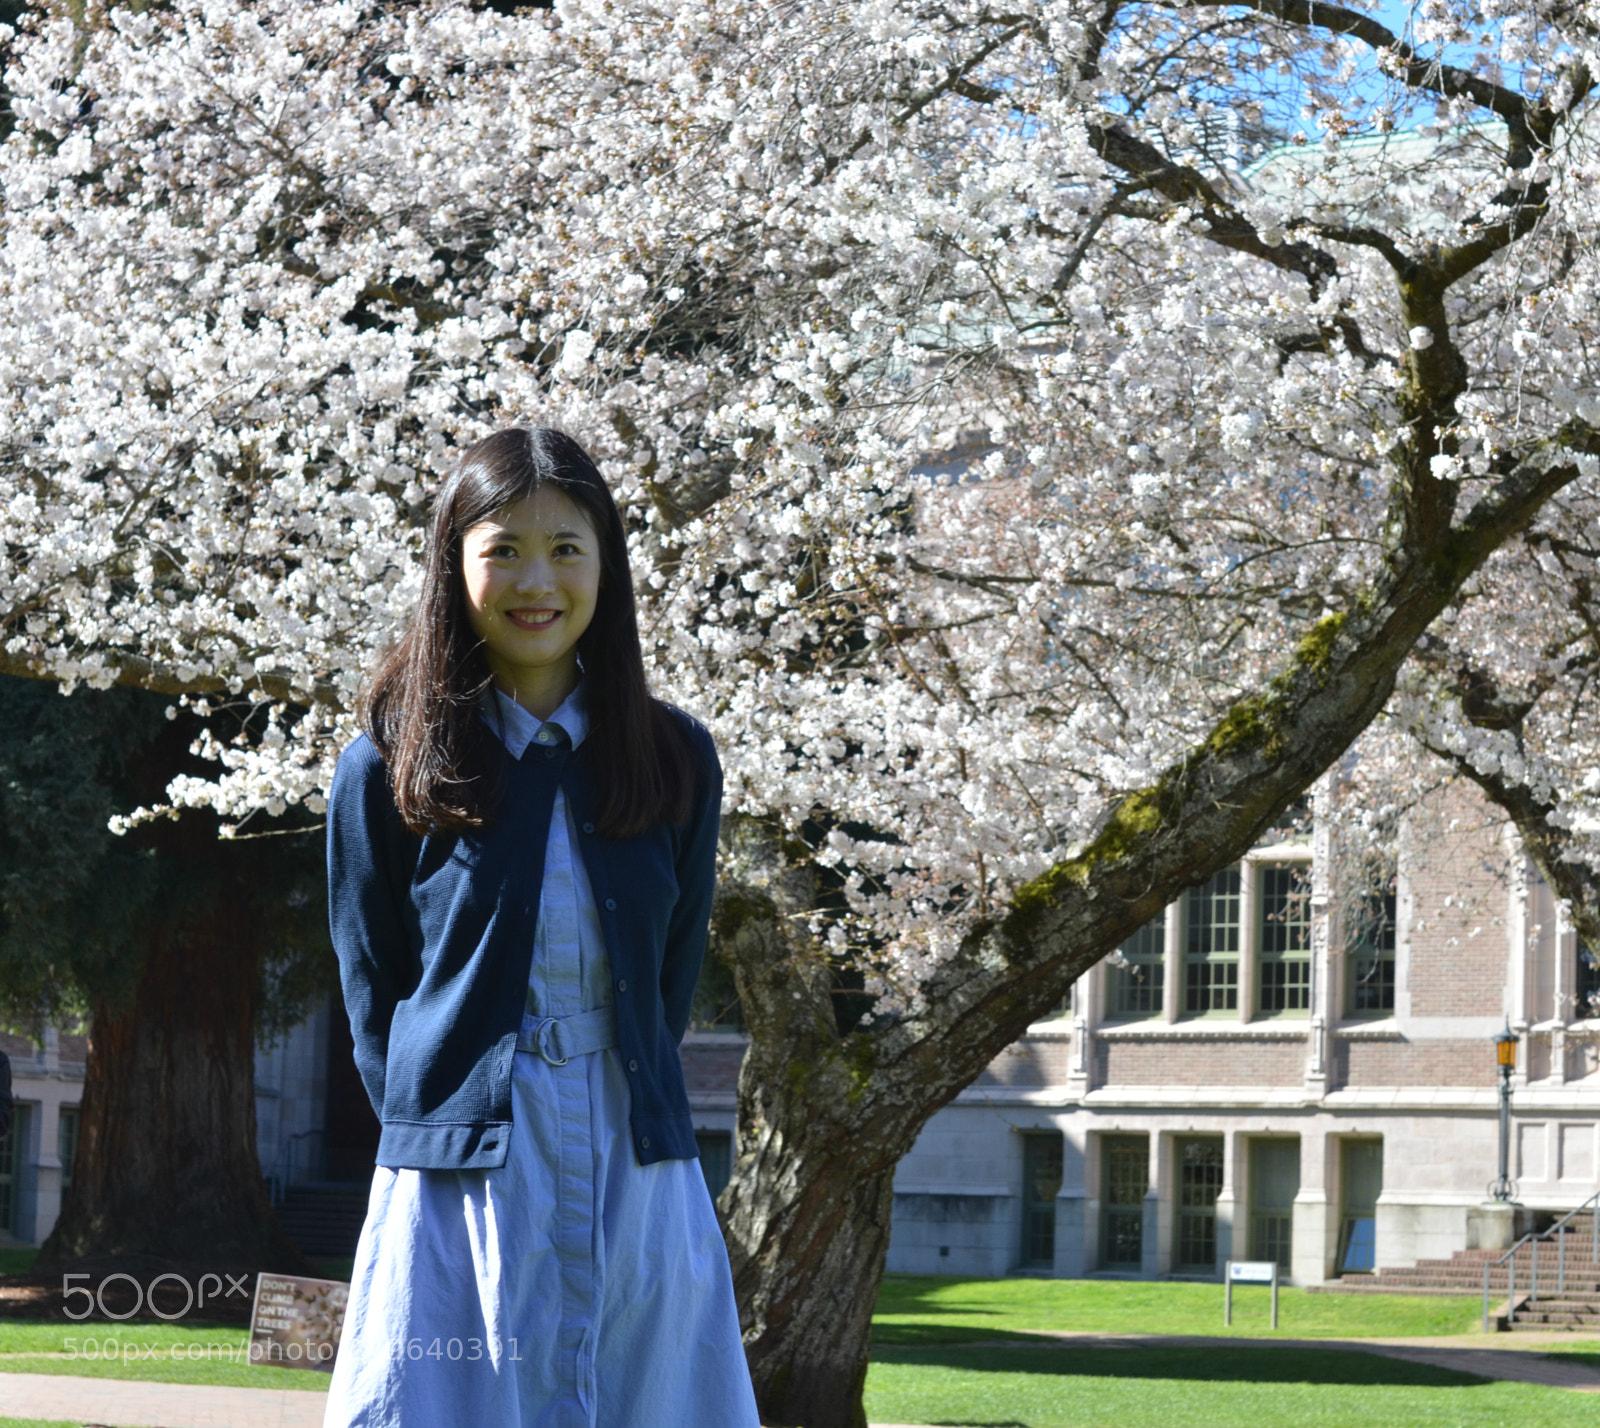 UW Cherry Blossoms, Nikon D7000, Sigma 50mm F1.4 EX DG HSM